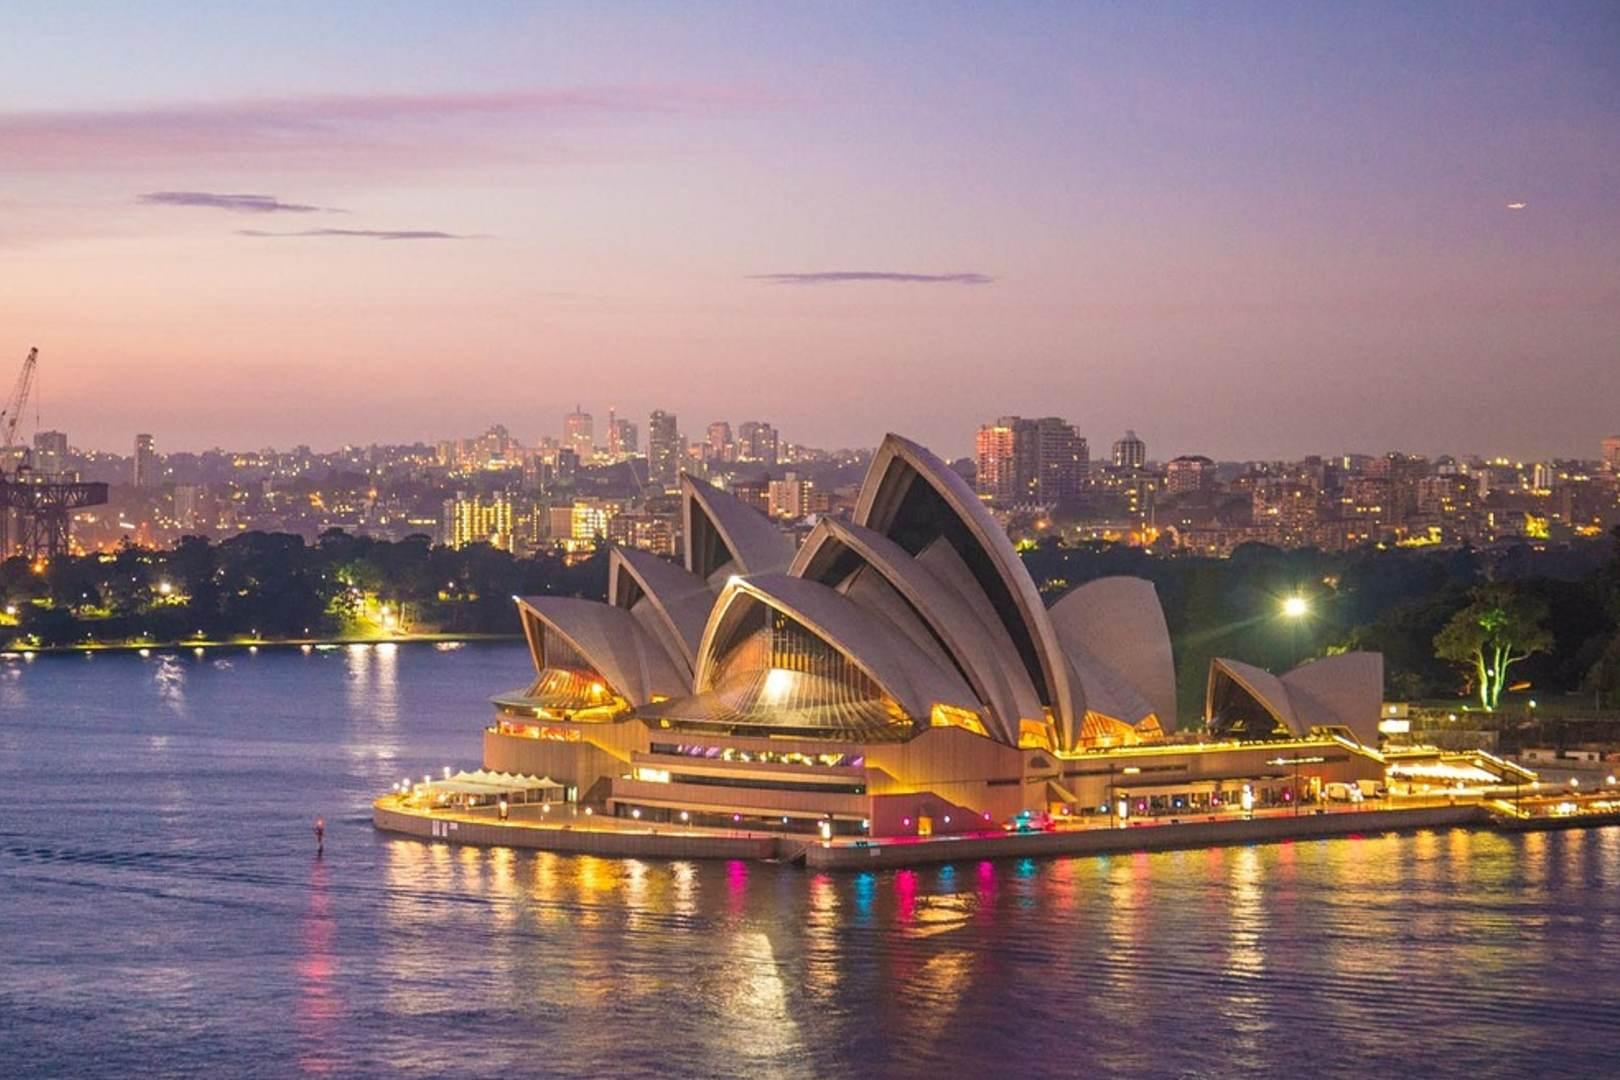 Australia rozważa zamknięcie granic do 2022 roku